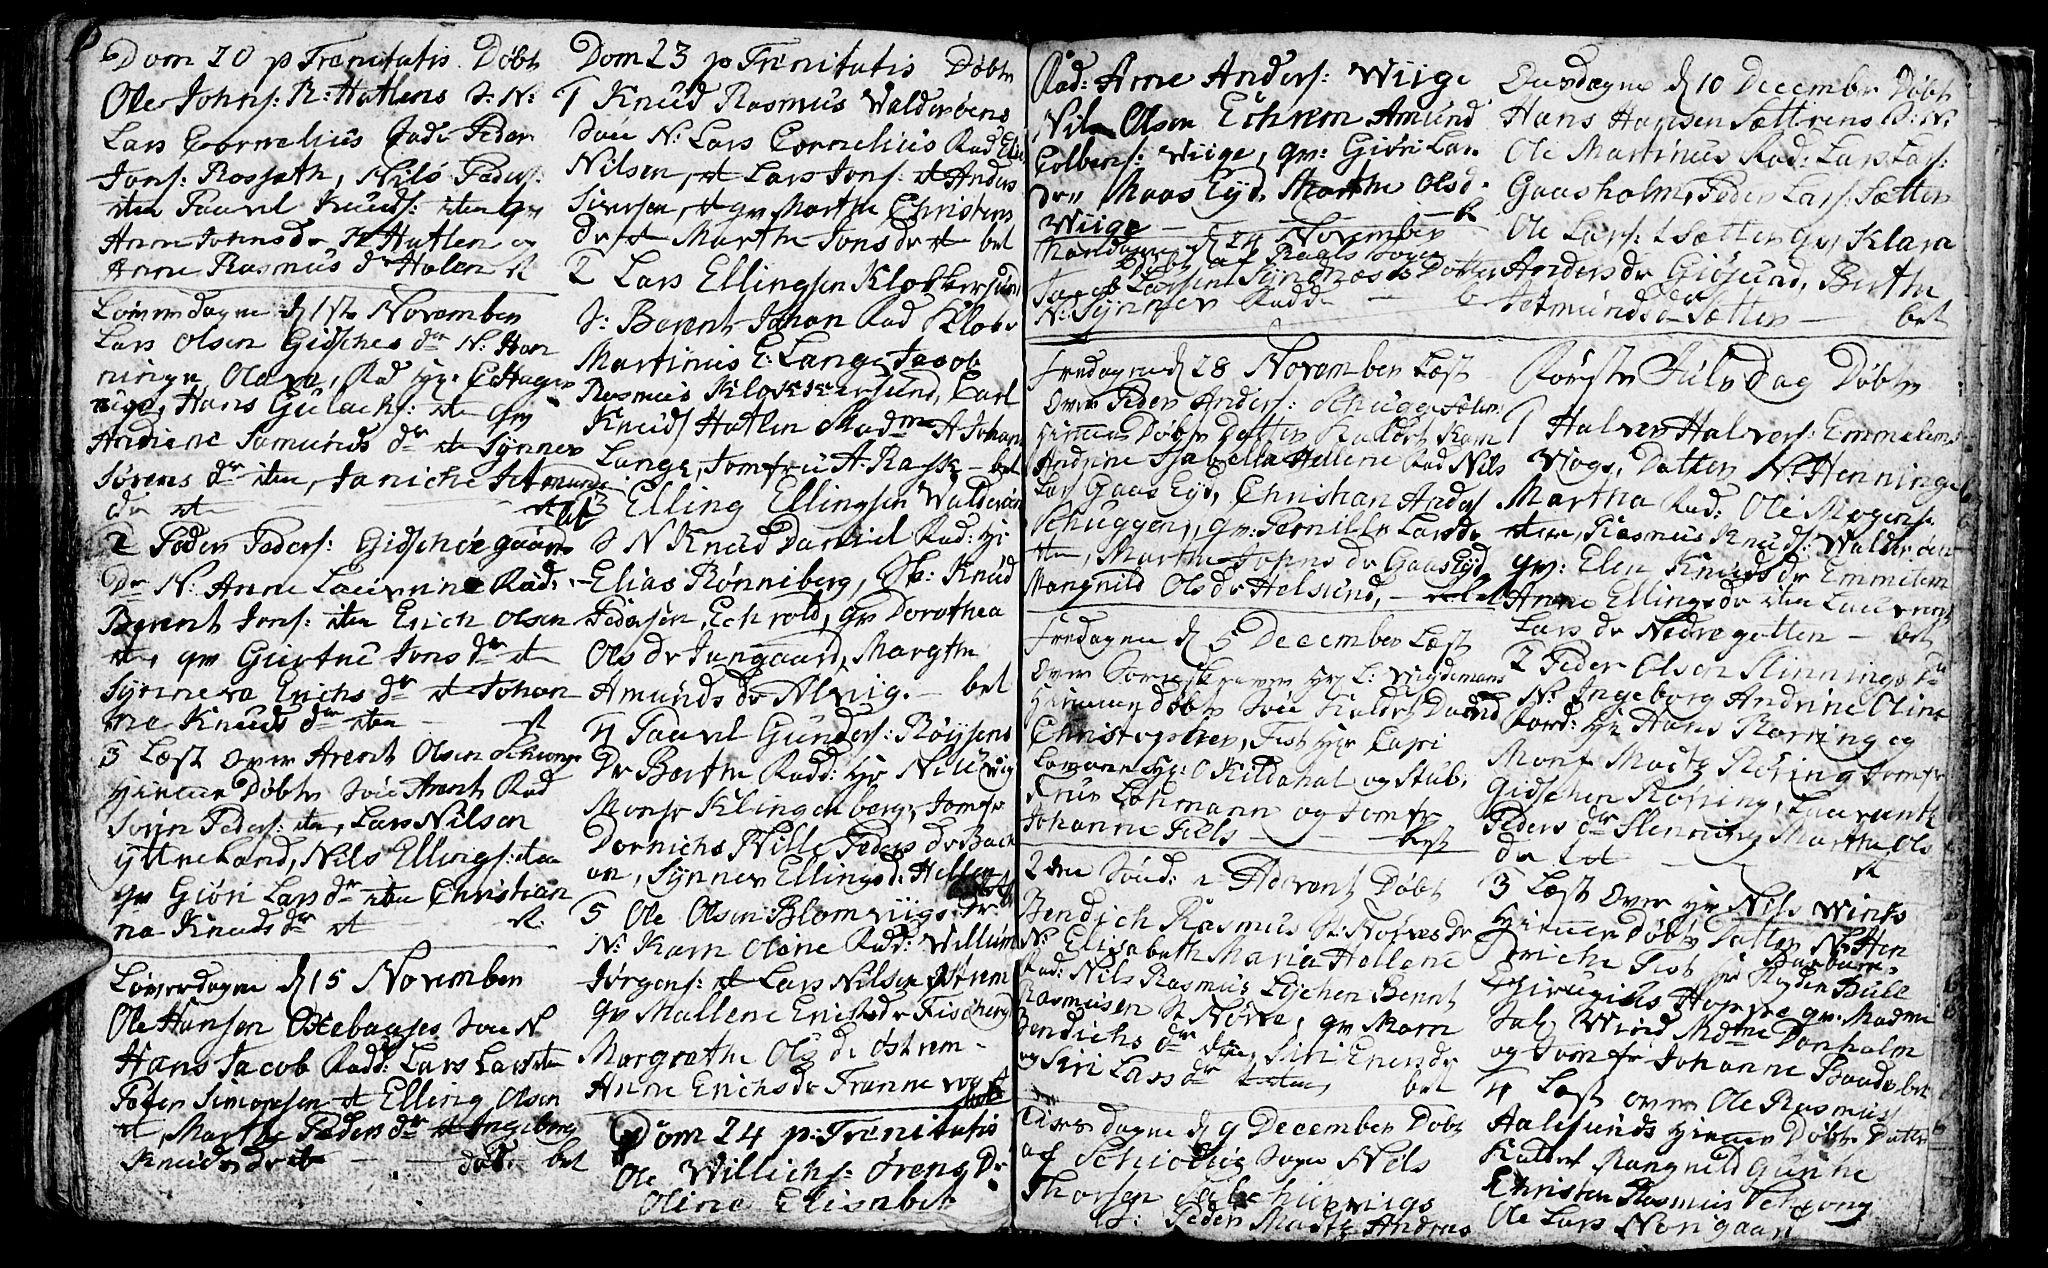 SAT, Ministerialprotokoller, klokkerbøker og fødselsregistre - Møre og Romsdal, 528/L0421: Klokkerbok nr. 528C02, 1785-1800, s. 186-187